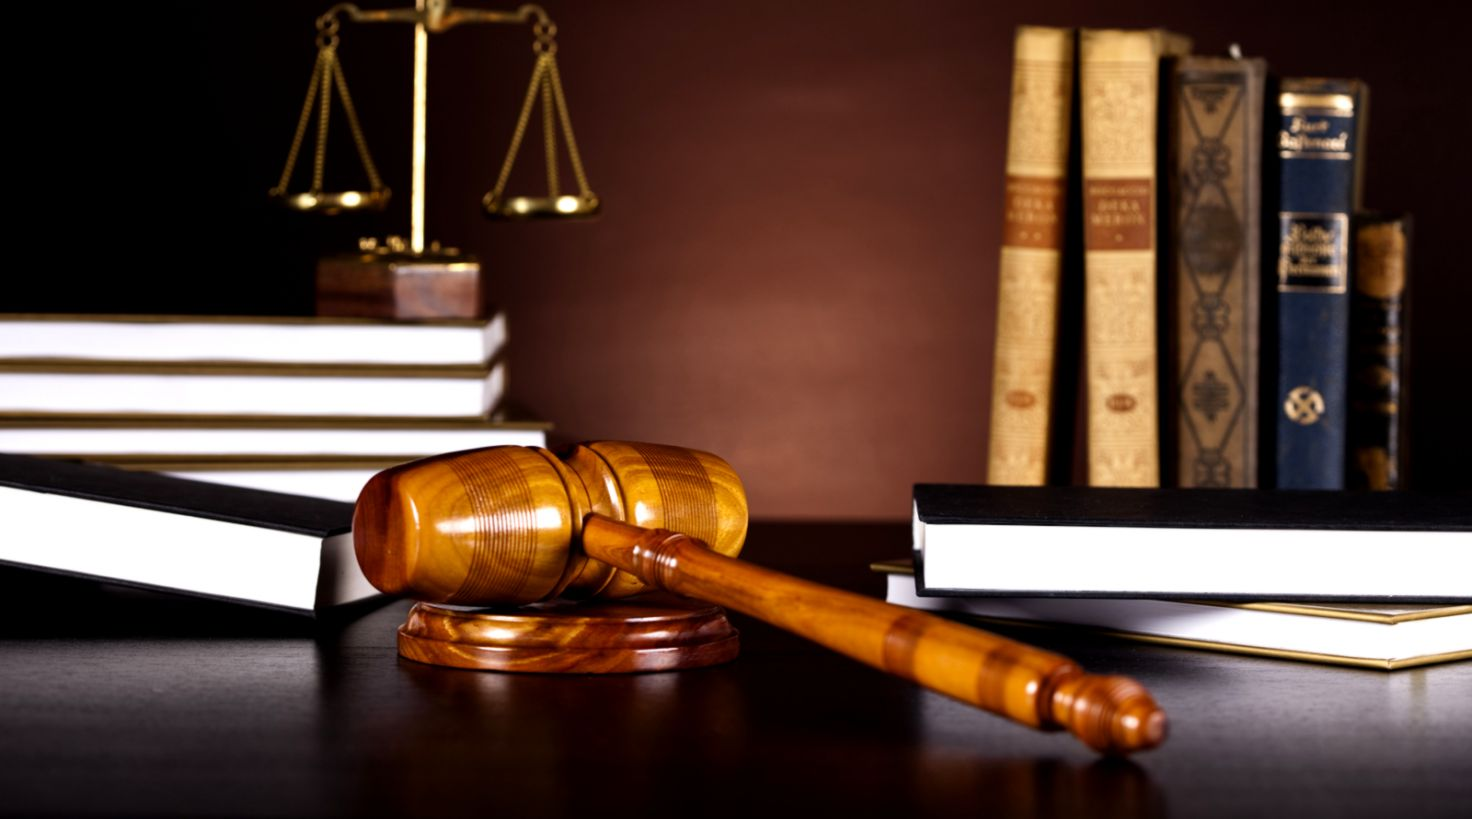 Best 56 Lawyer Wallpaper On Hipwallpaper Lawyer Wallpaper - Law Books -  1472x819 - Download HD Wallpaper - WallpaperTip